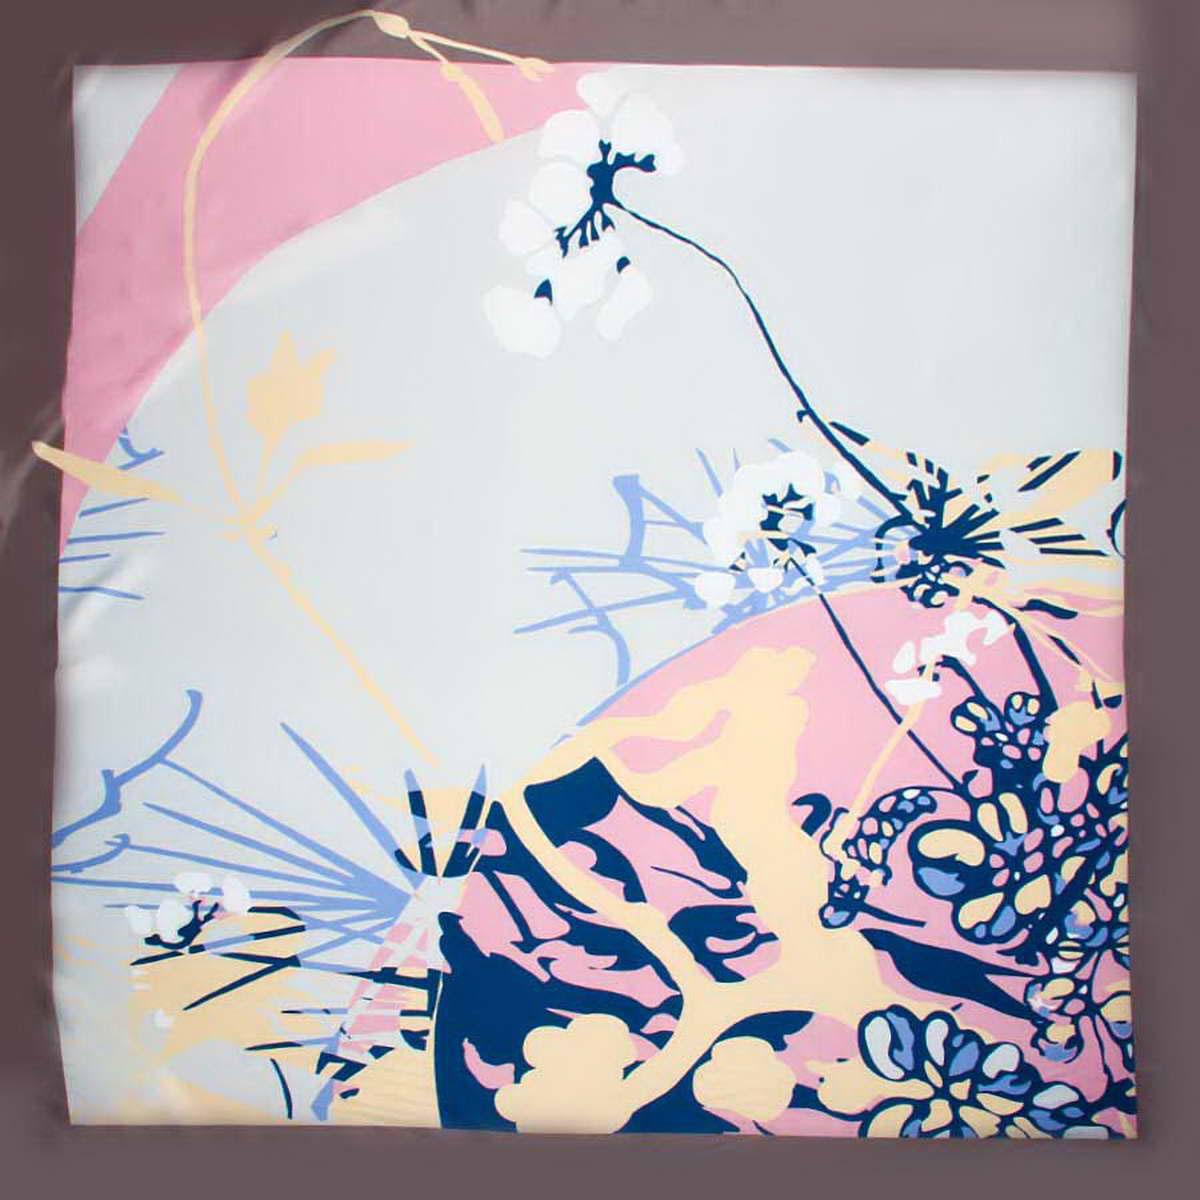 Платок женский. 3915183-123915183-12Яркий и стильный женский платок Venera изготовлен из легкого и нежного полиэстера, не оставит равнодушной ни одну настоящую модницу. Сочетание цветов очень оригинальное и безупречное, а рисунки с геометрическими элементами создают эффект гипнотического поля, которое завораживает собою и дарит ощущение невероятного и космического. Классическая квадратная форма позволяет носить платок на шее, украшать им прическу или декорировать сумочку. Платок Venera превосходно дополнит любой наряд и подчеркнет ваш неповторимый вкус и элегантность.